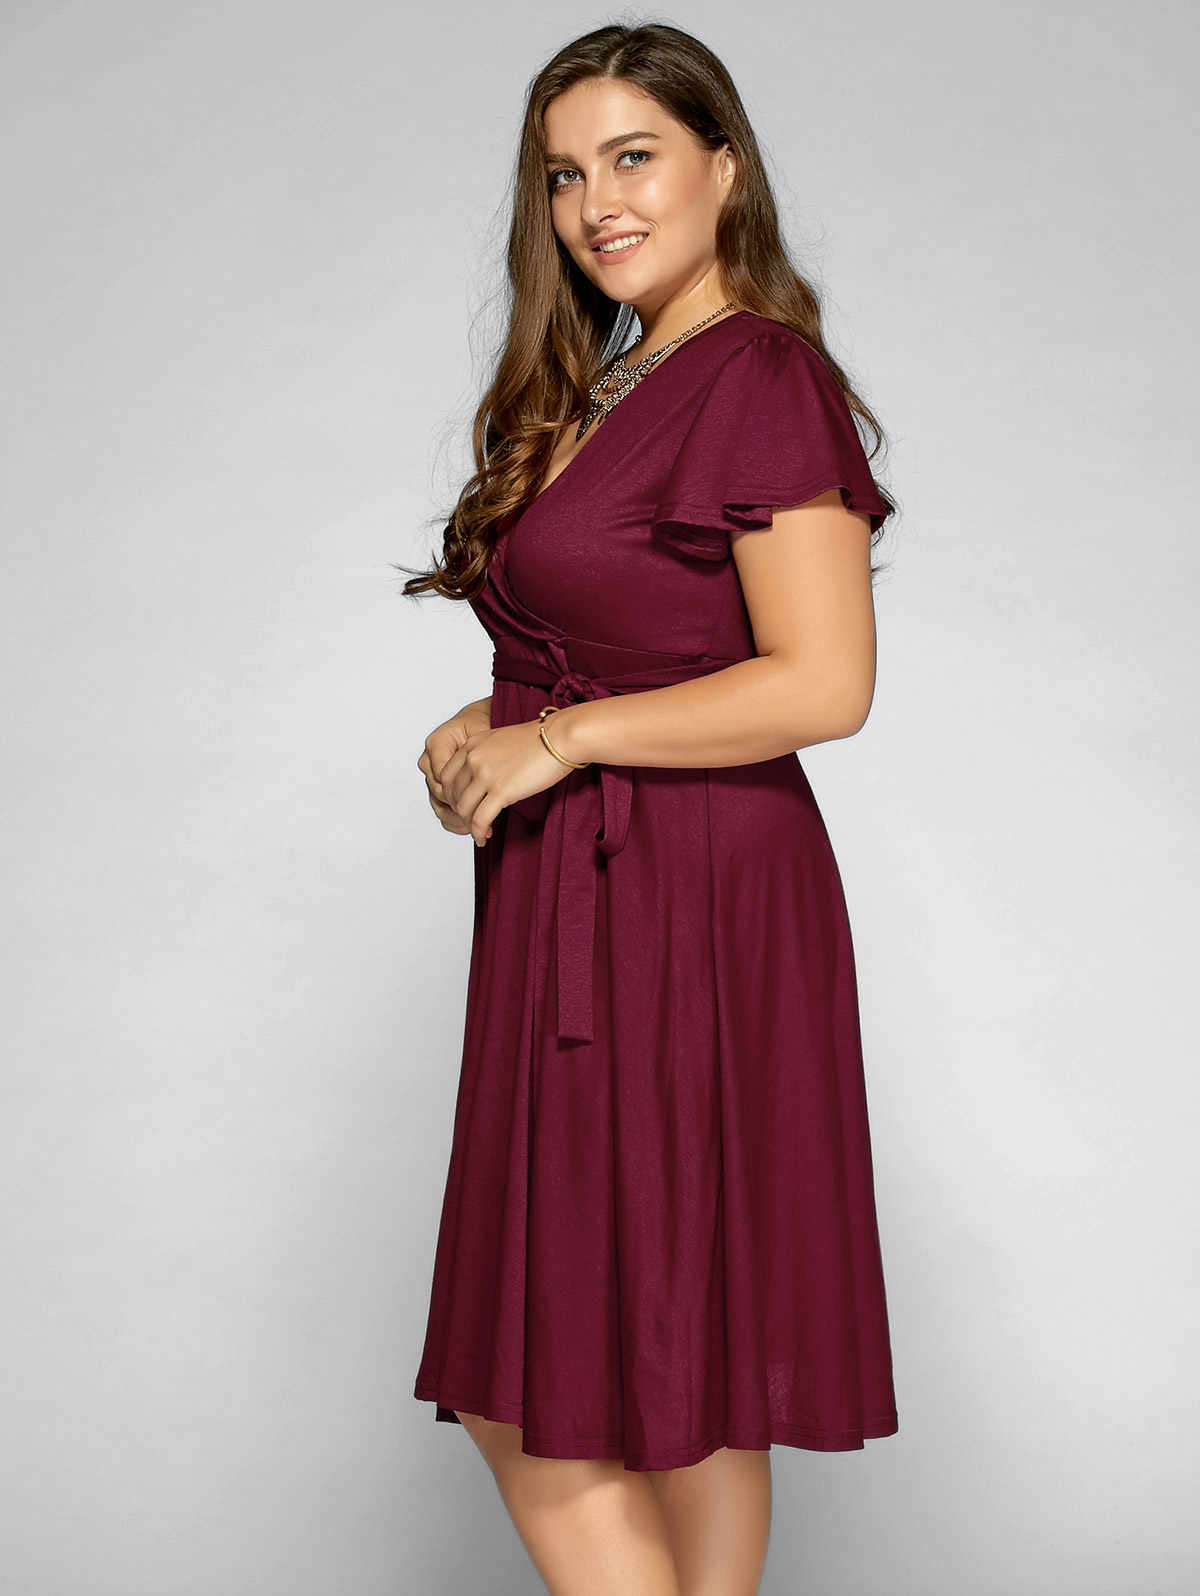 Wisalo плюс размер 9XL 8XL 7XL 6XL женская одежда летнее сексуальное платье с v-образным вырезом винтажная Офисная Рабочая одежда миди платье более размера Сарафан